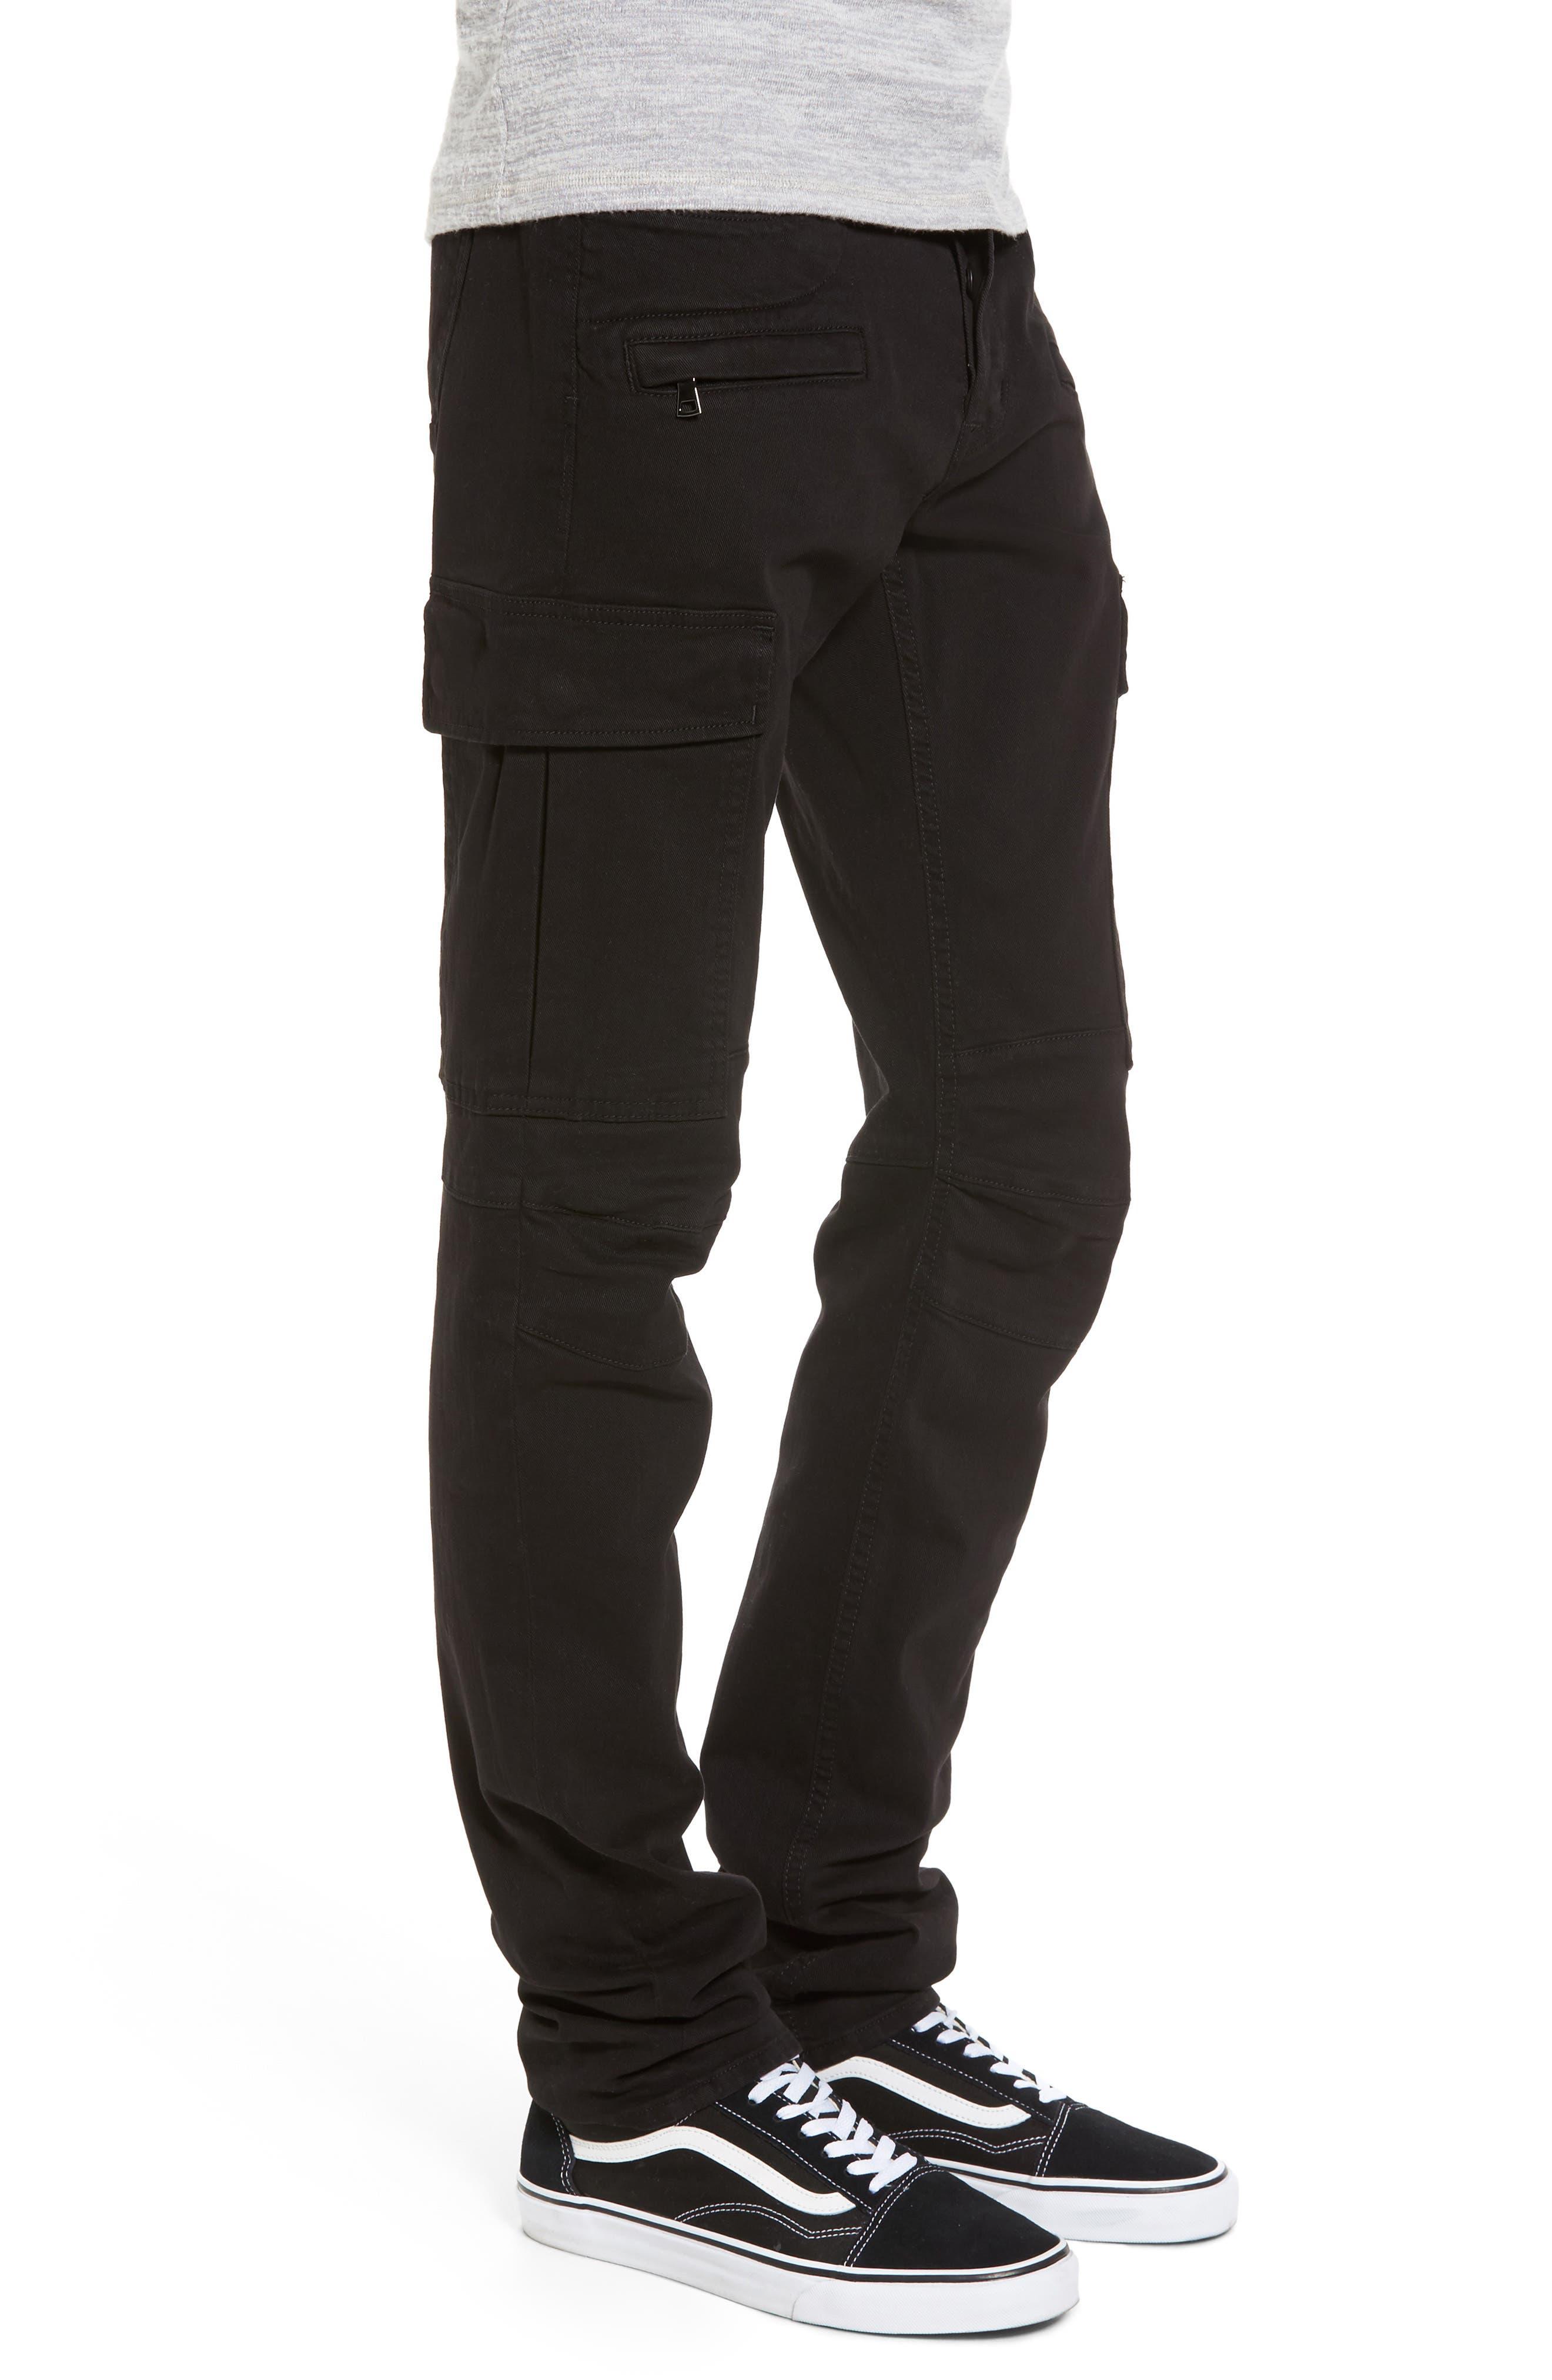 Alternate Image 3  - Hudson Jeans Greyson Cargo Biker Skinny Fit Jeans (Black)